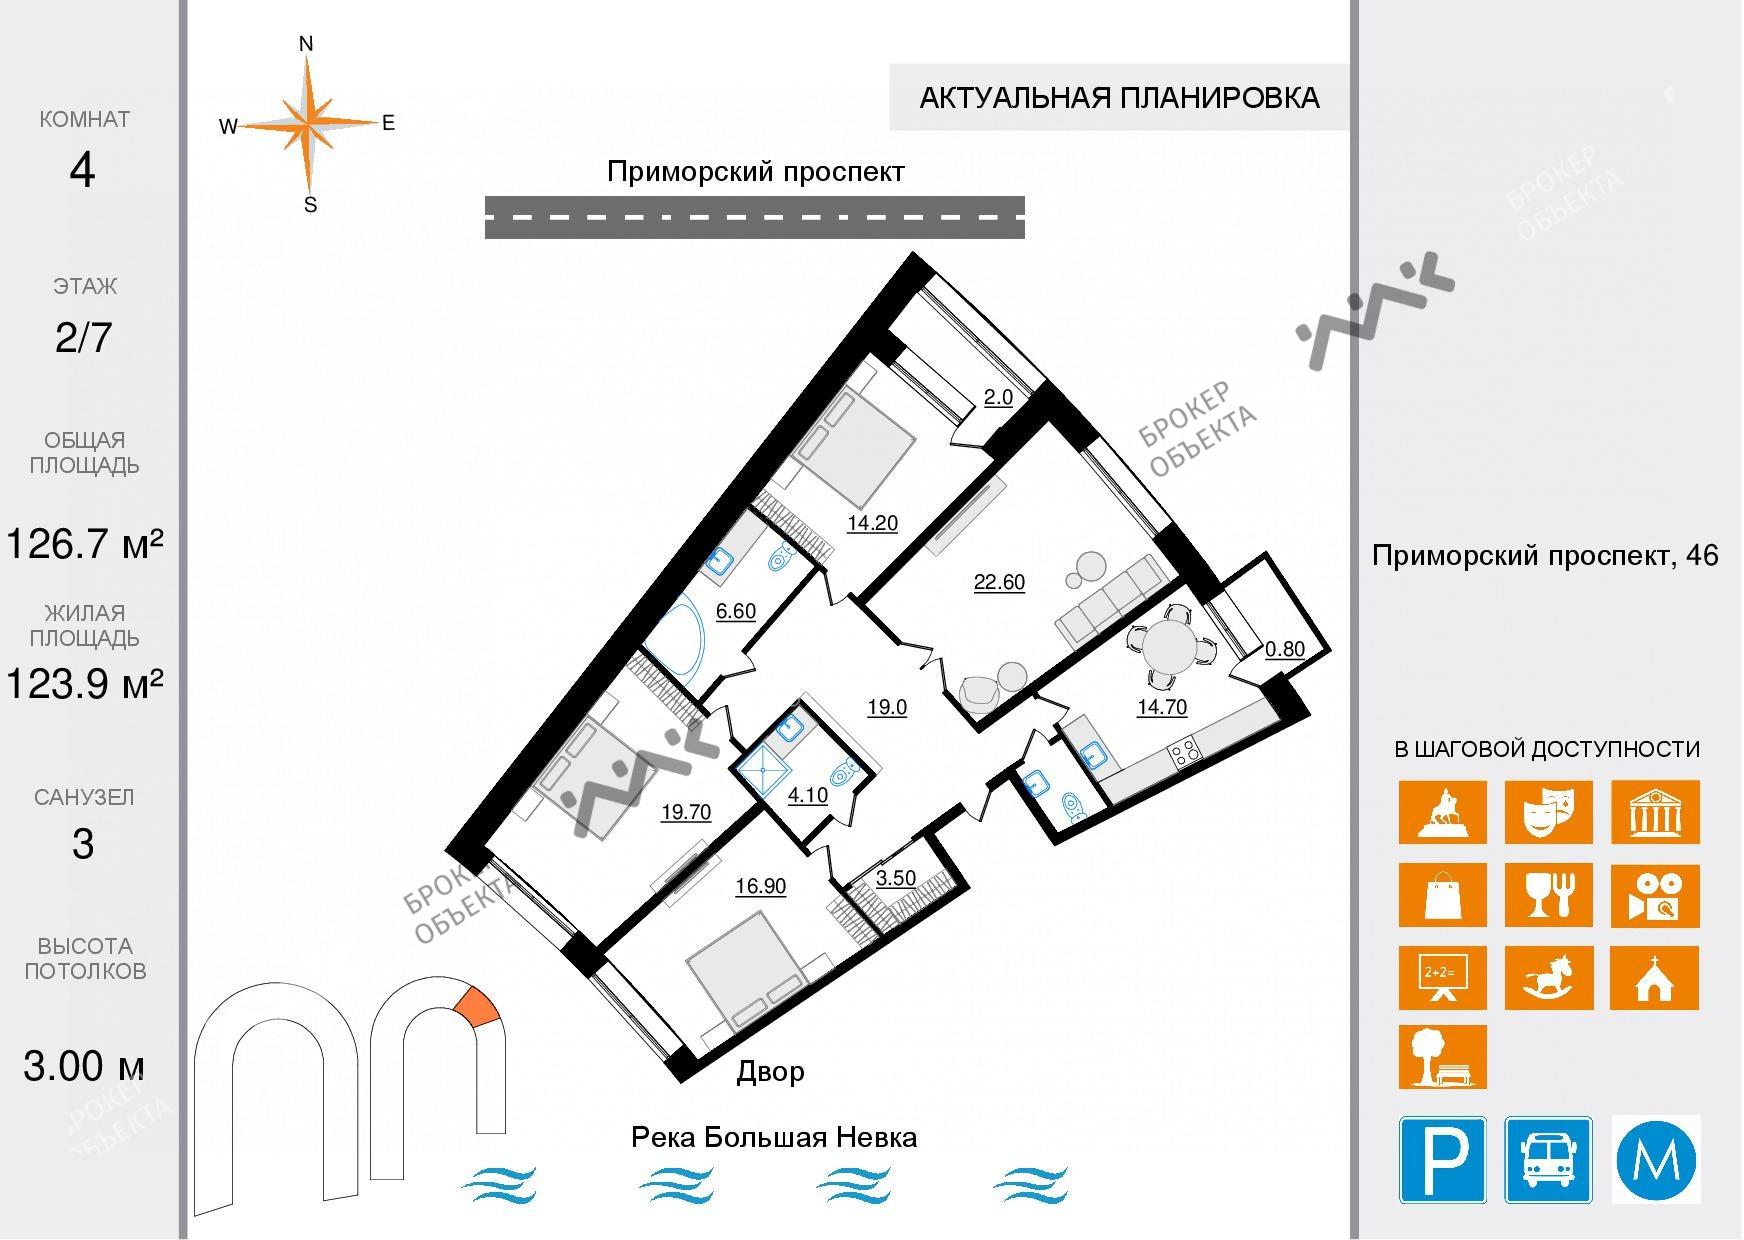 Планировка Приморский проспект, д.46. Лот № 47420049